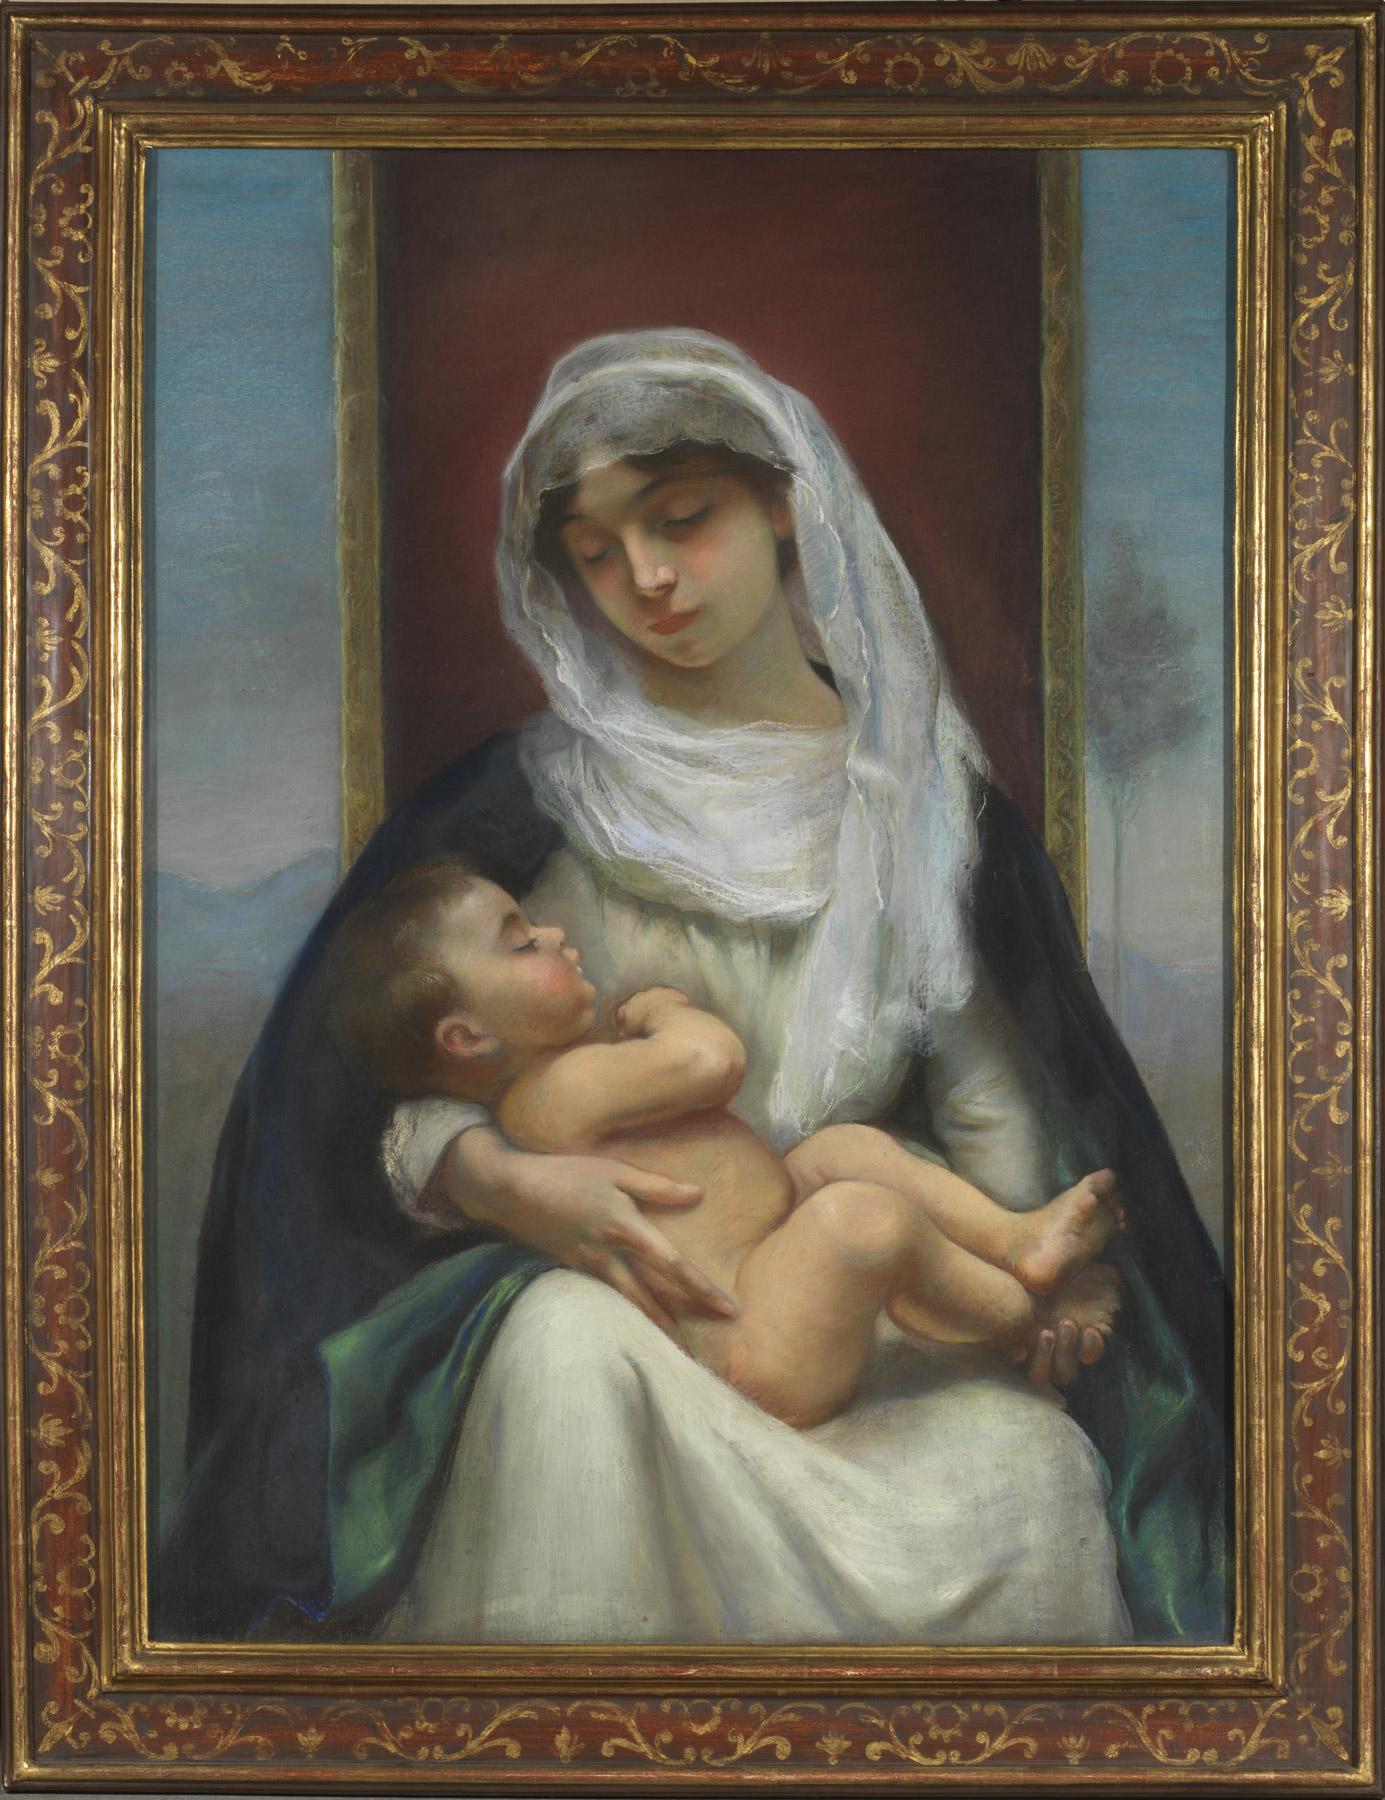 Mère et enfant par la comtesse Marie Walewska née Molinos - Patrimoine Charles-André COLONNA WALEWSKI, en ligne directe de Napoléon